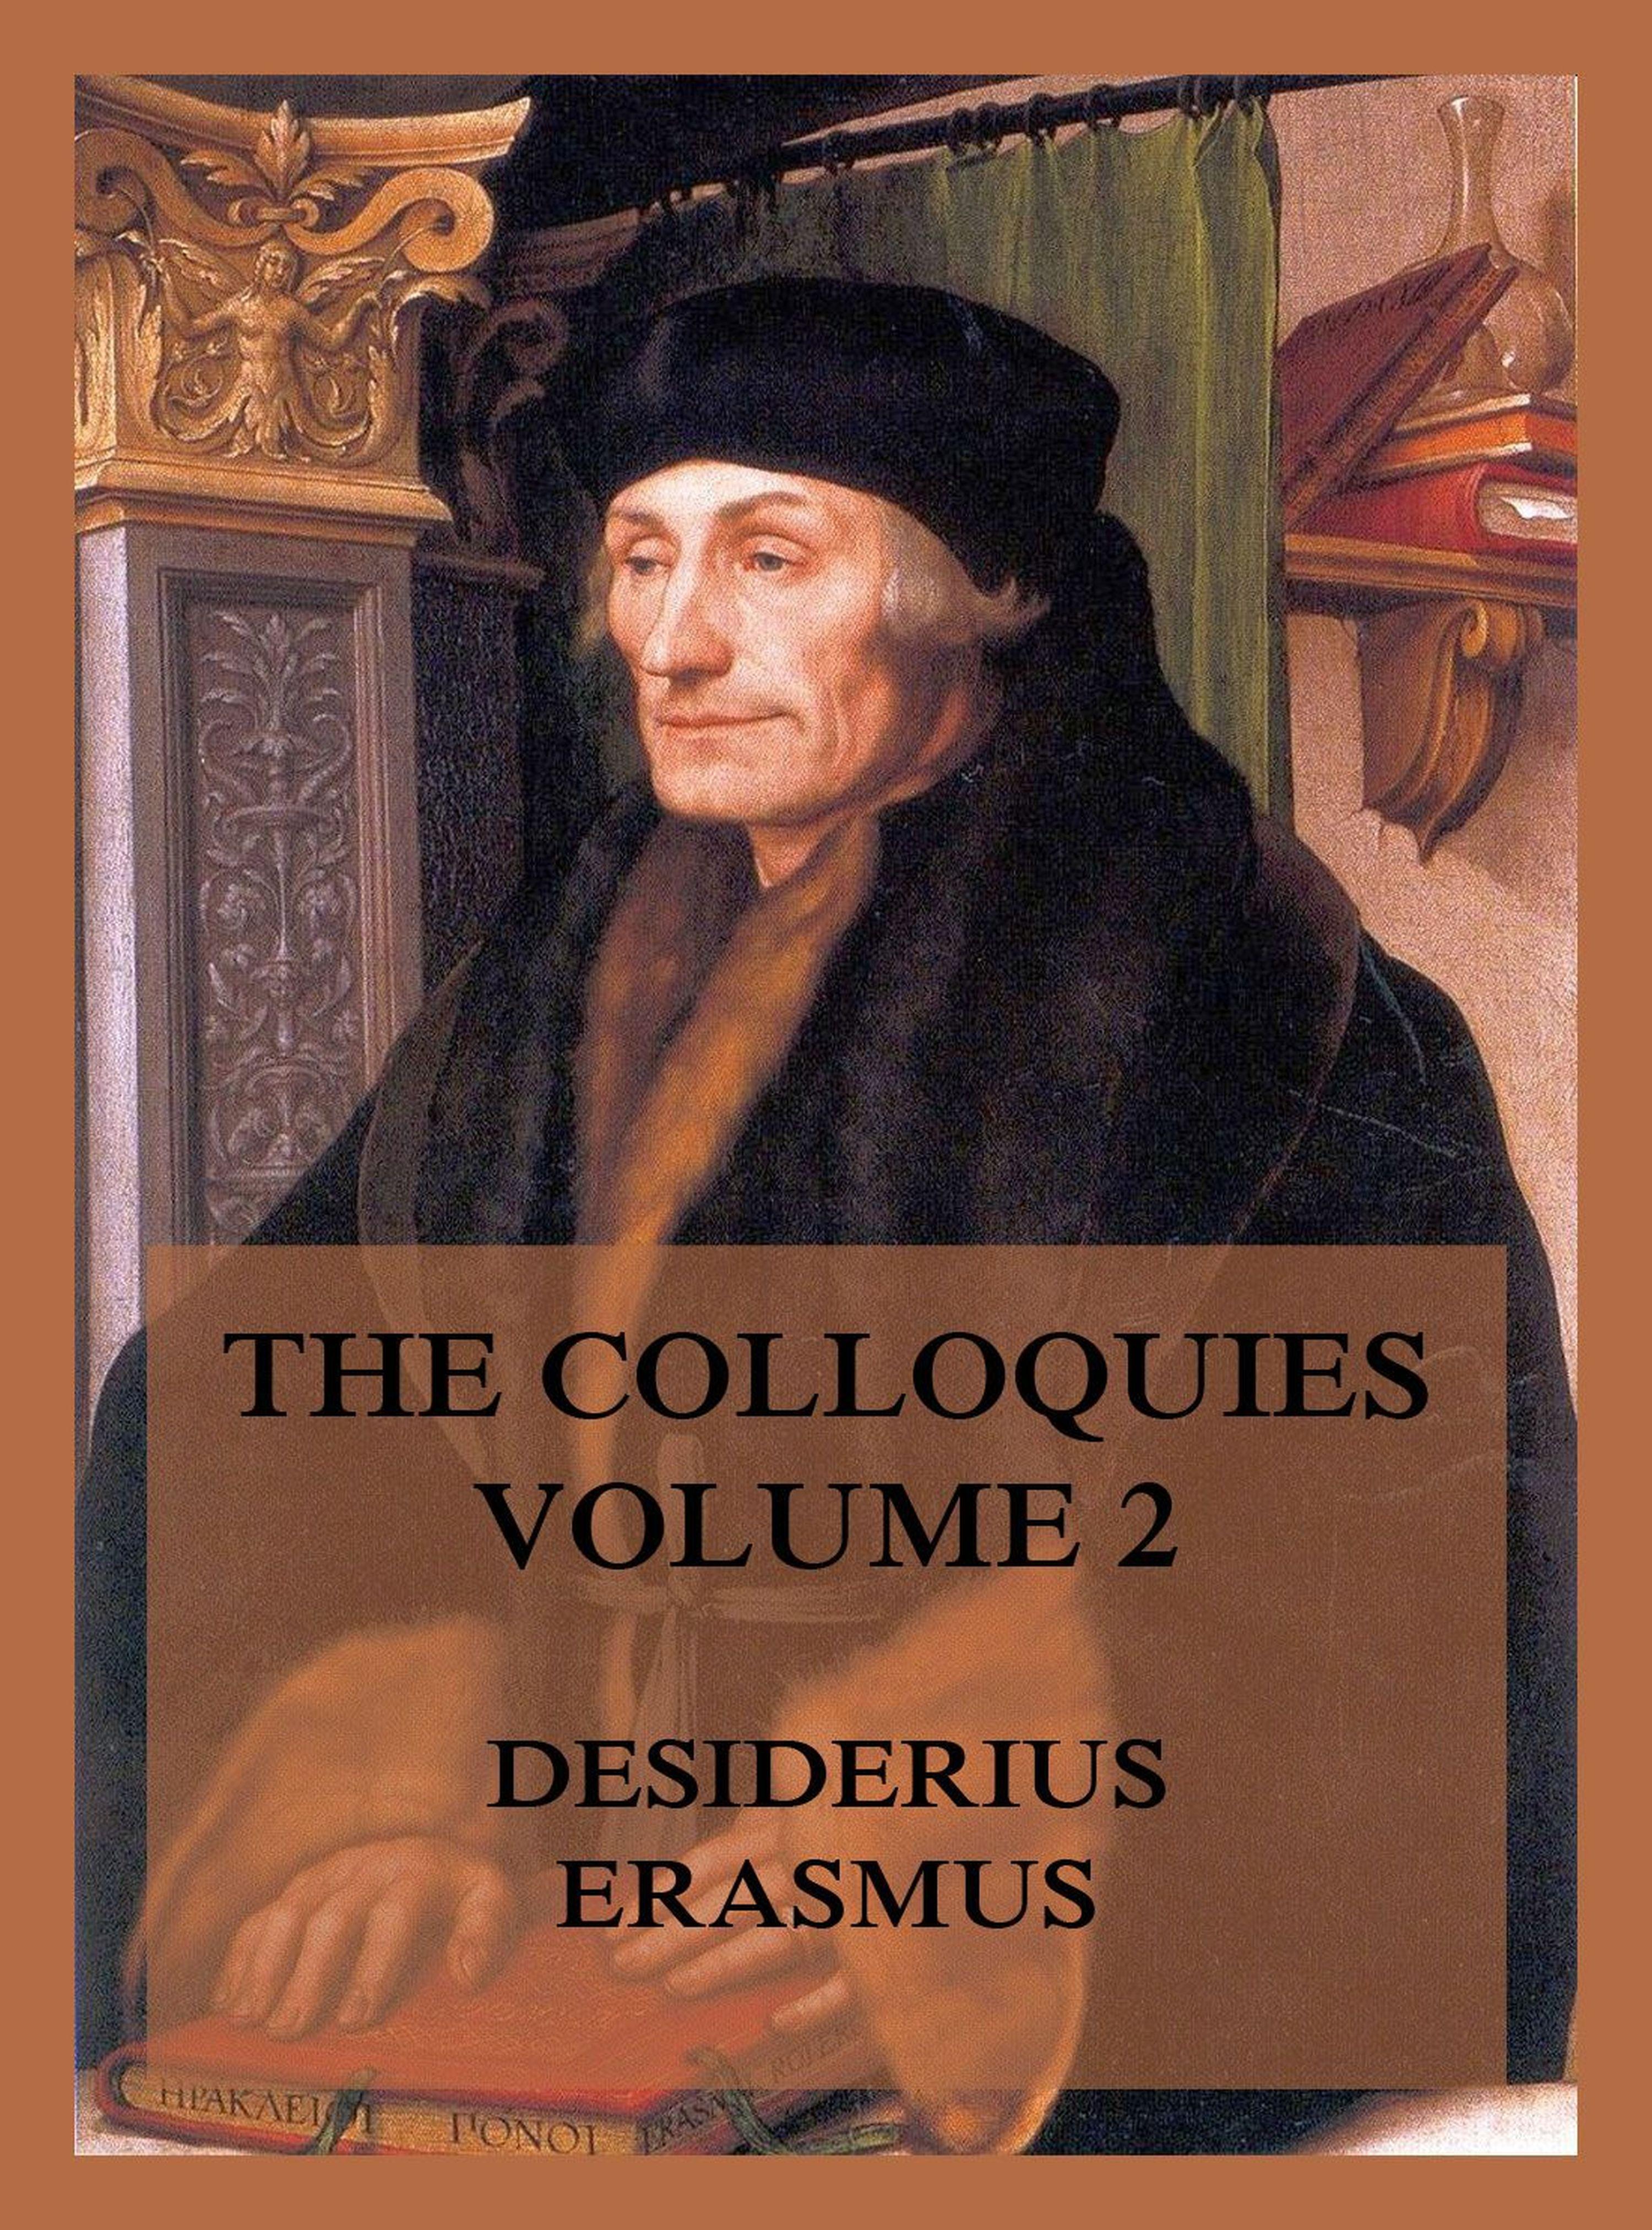 Desiderius Erasmus The Colloquies, Volume 2